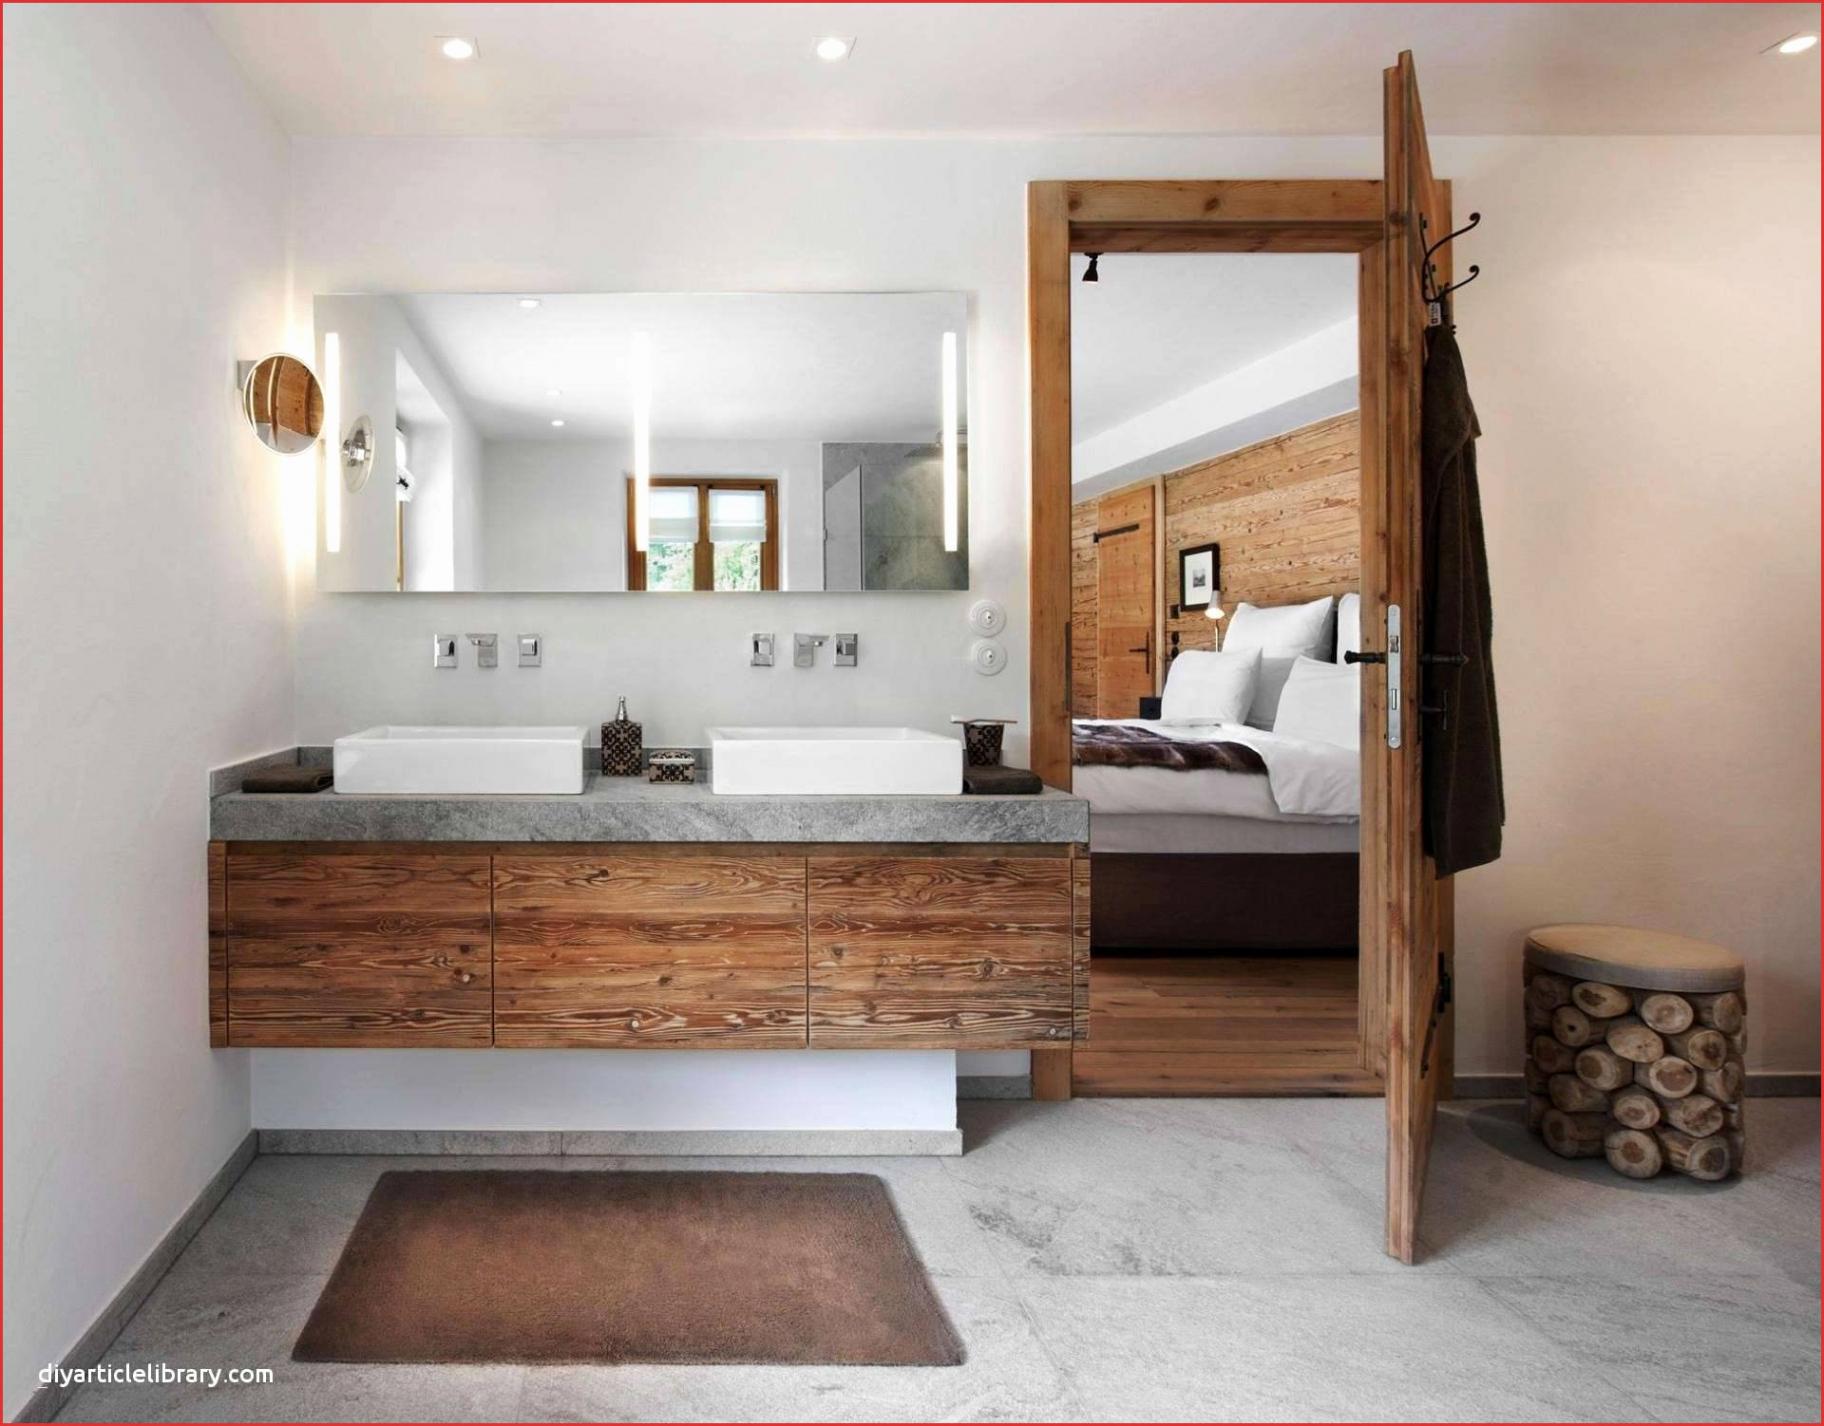 badezimmer holzoptik das beste von holz deko selber machen schon bad mit holz bad mit holz